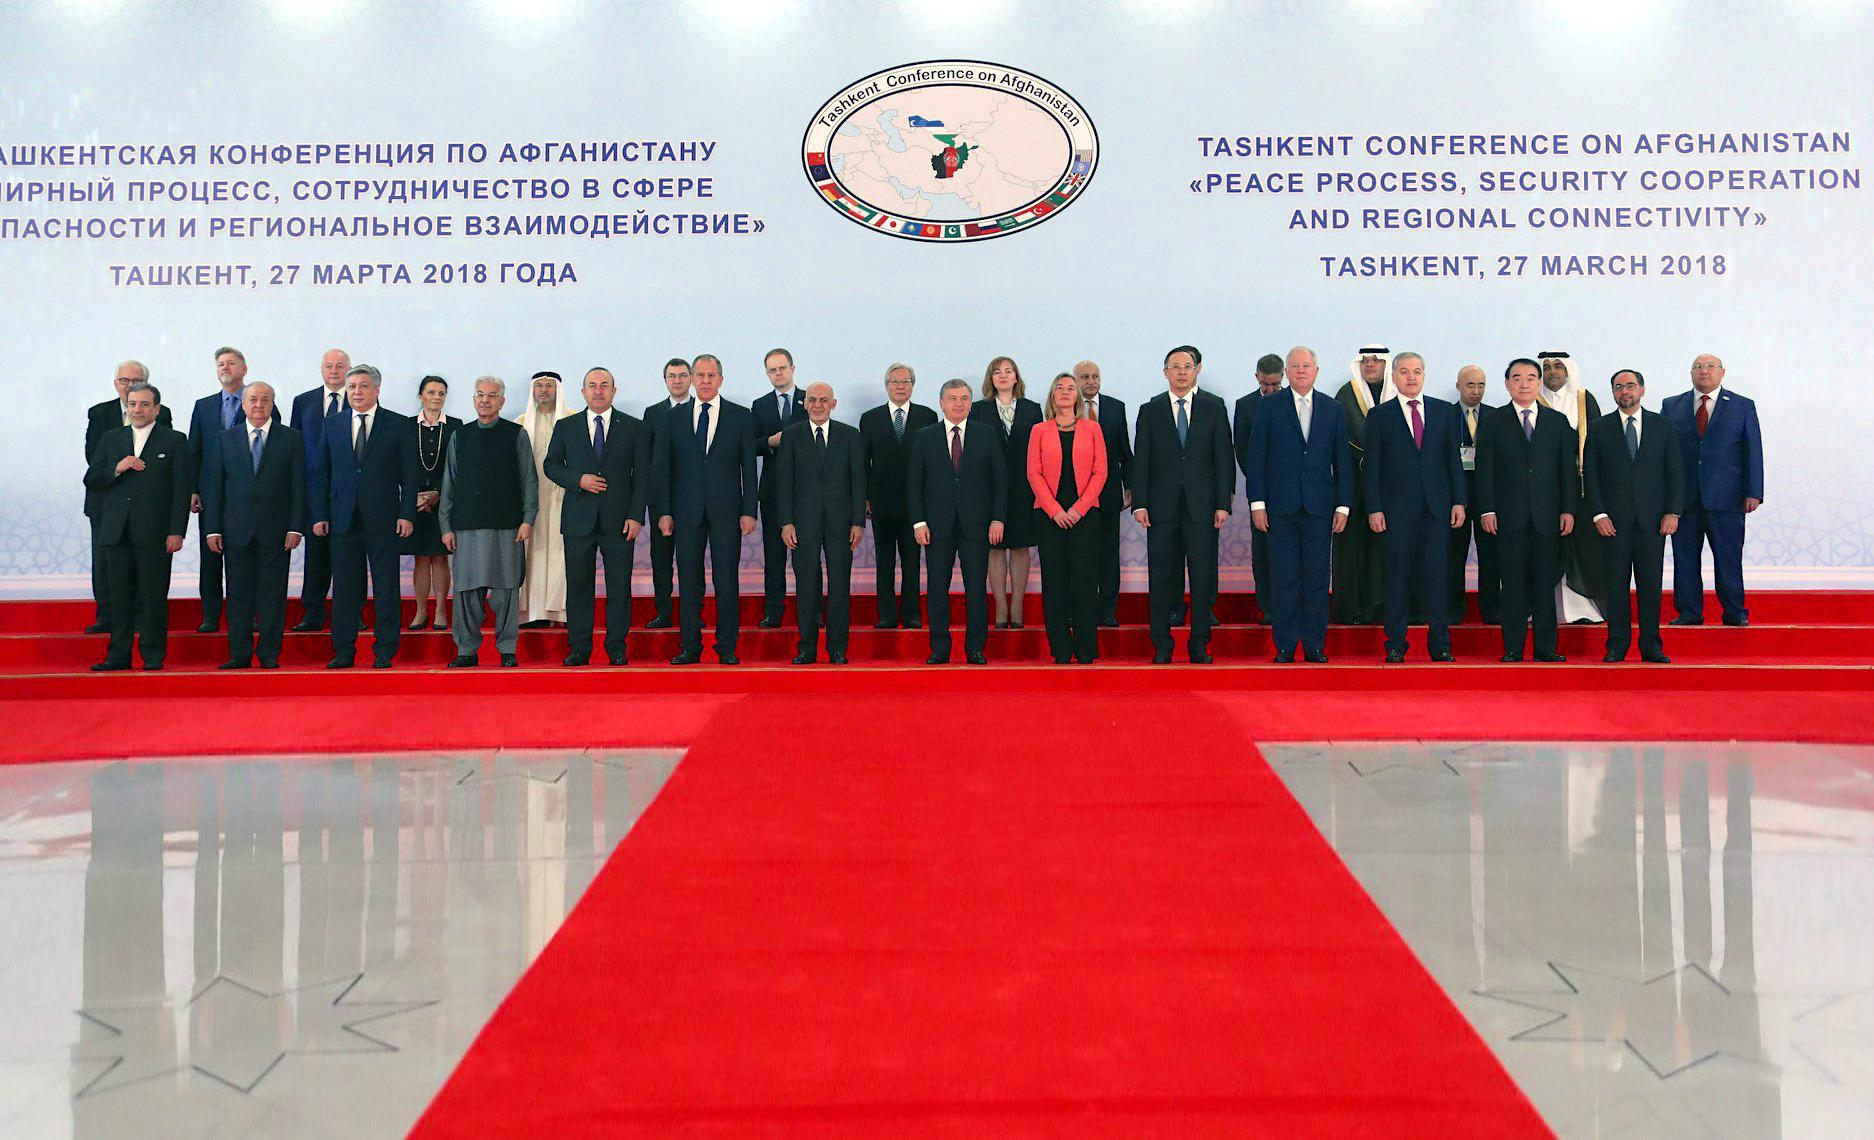 قدرت های جهان به یک صدا از مذاکرات مستقیم بین کابل و طالبان حمایت کردند